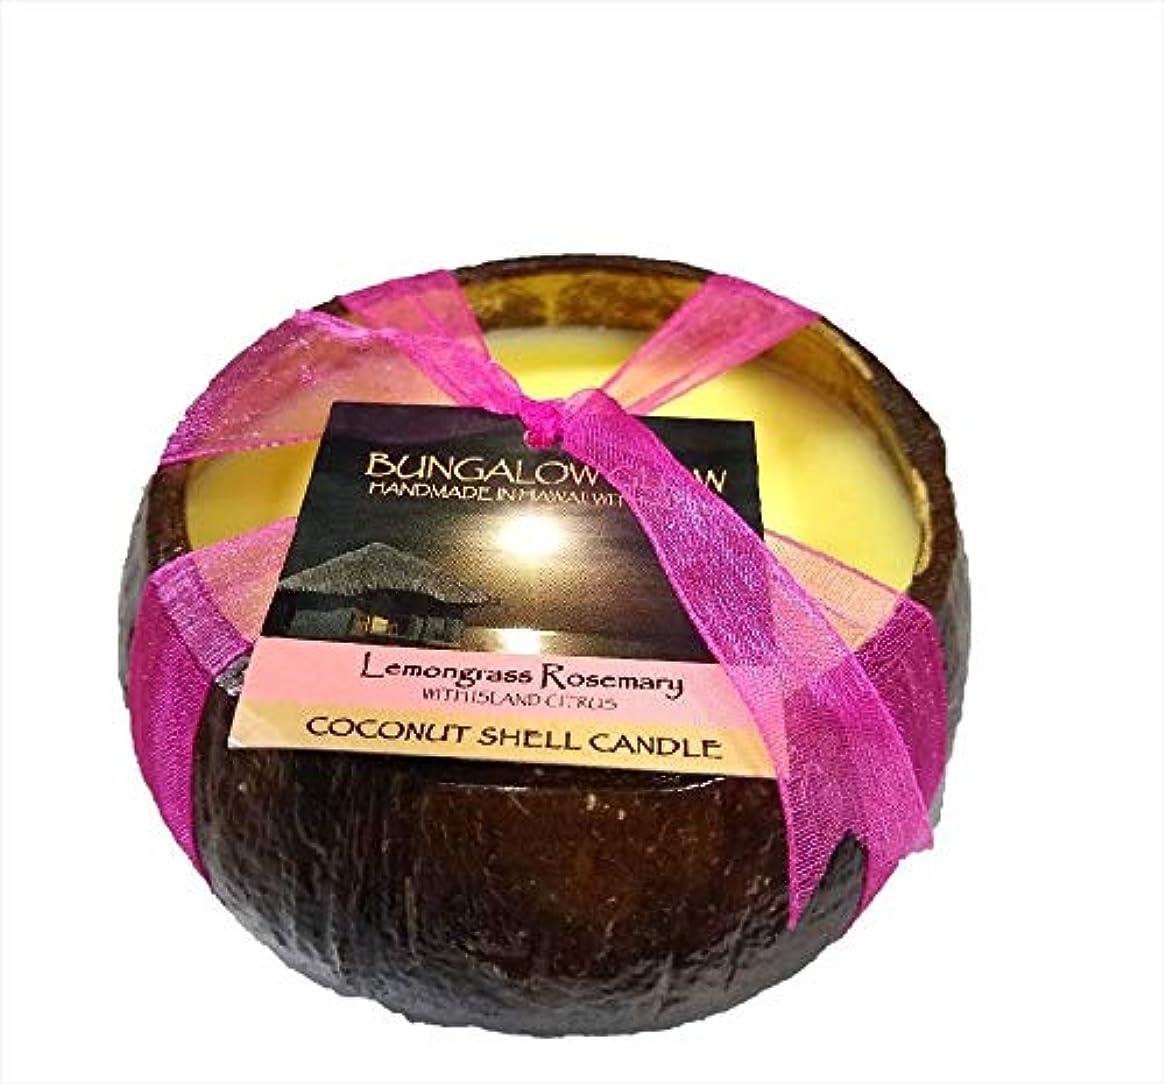 速報留め金ホラー【正規輸入品】 バブルシャック?ハワイ Bubble shack Coconut Shell candle ココナッツシェルキャンドル lemongrass rosemary レモングラスローズマリー 500g